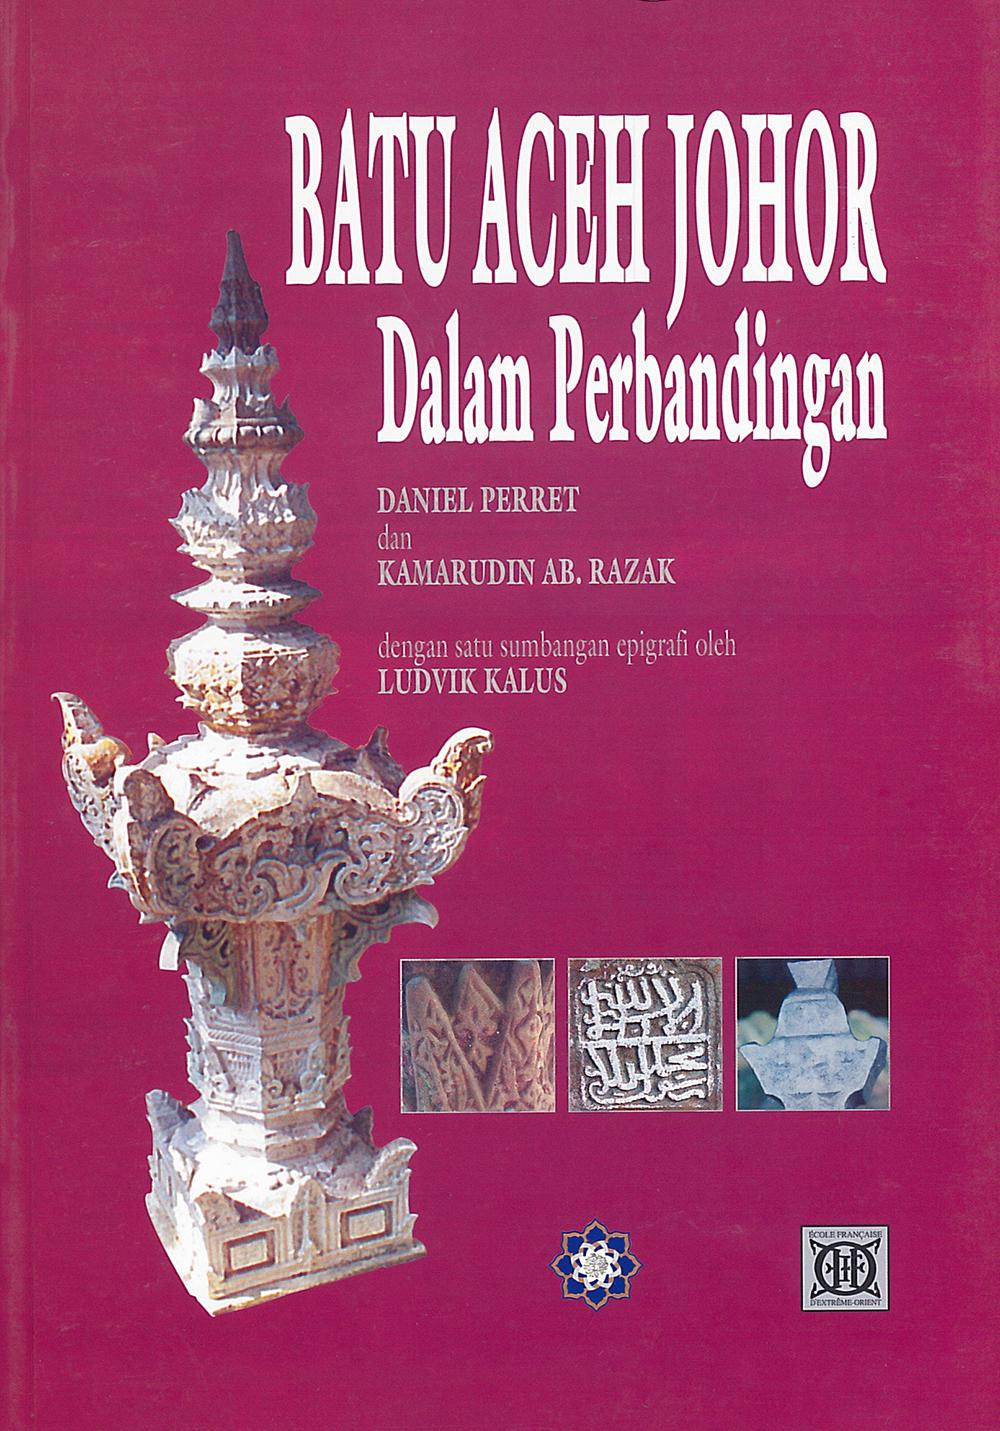 Batu Aceh Johor : Dalam Perbandingan